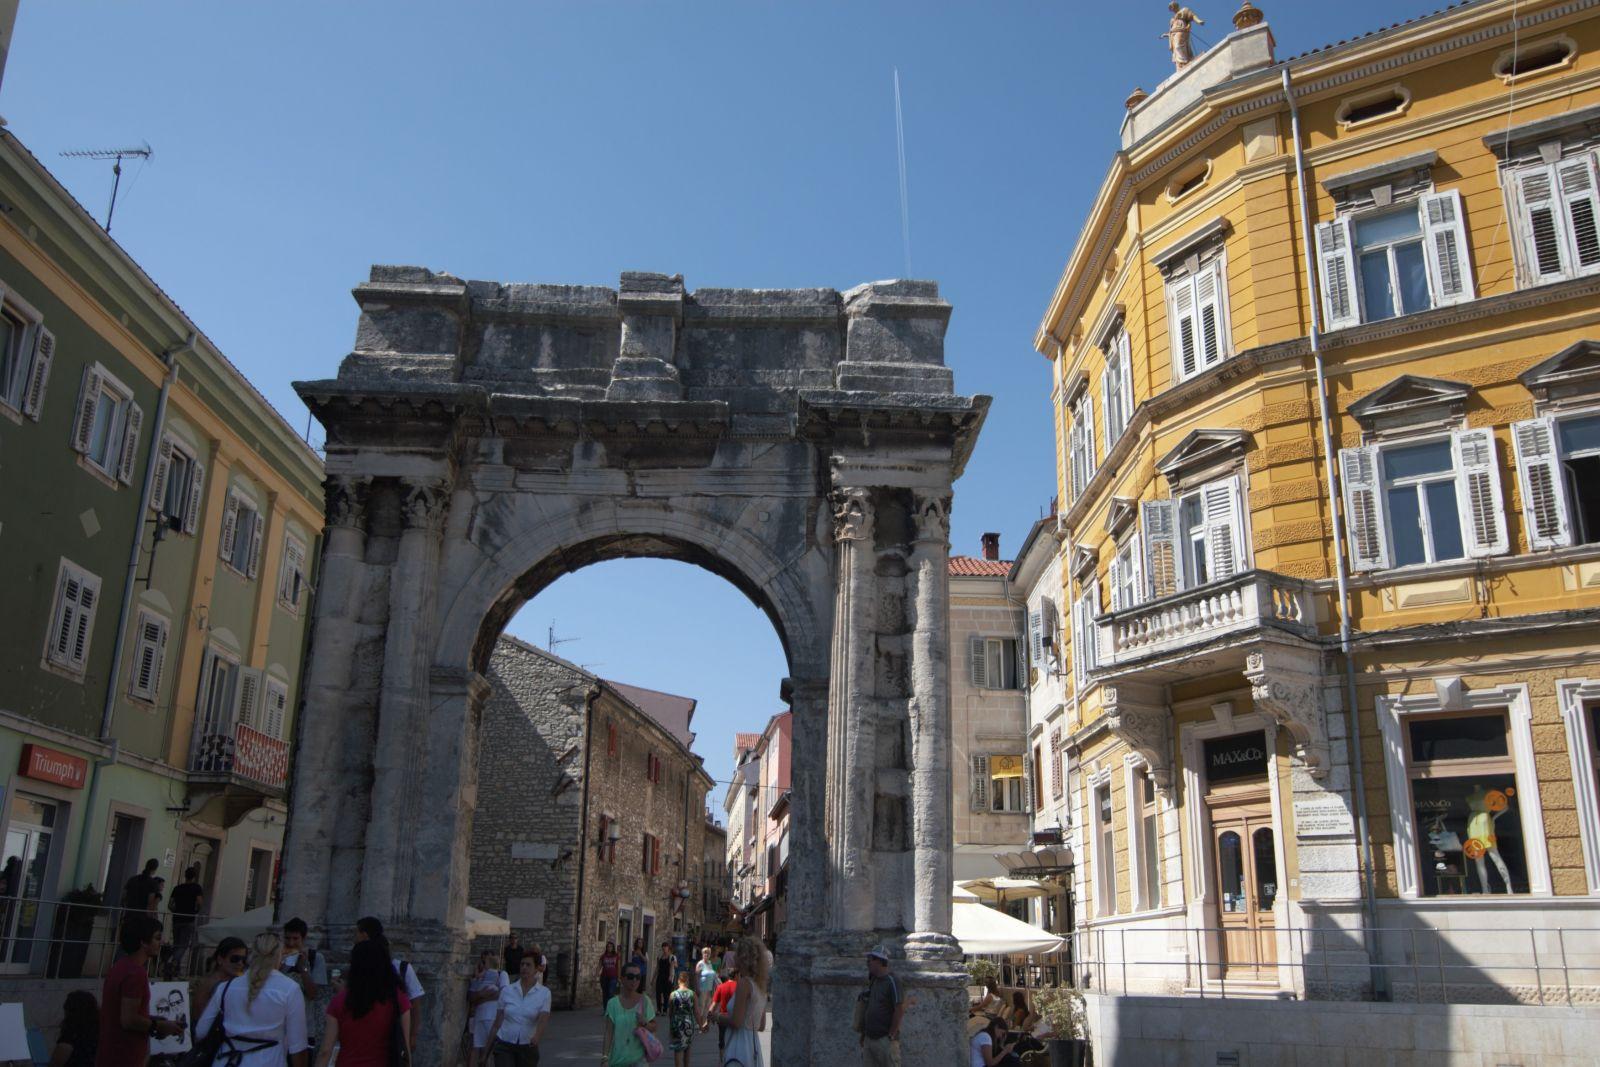 ... oder der Sergierbogen, das Goldene Tor, in der Fußgängerzone. ©Sandra Troskot